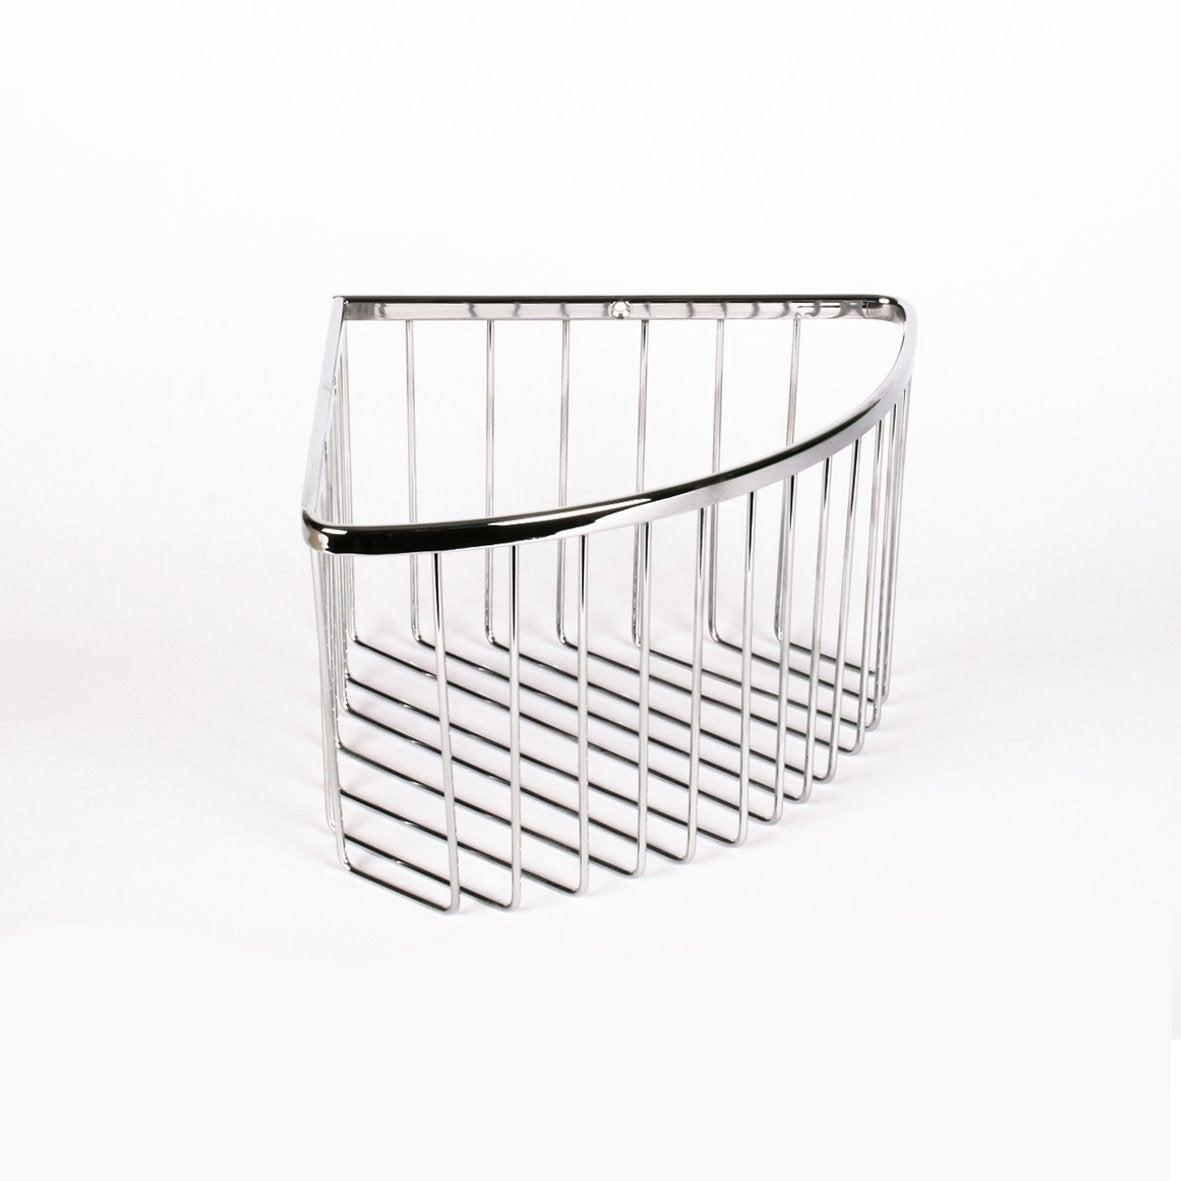 Etag re de bain douche d 39 angle visser chrom hotel - Etagere d angle pour salle de bain ...